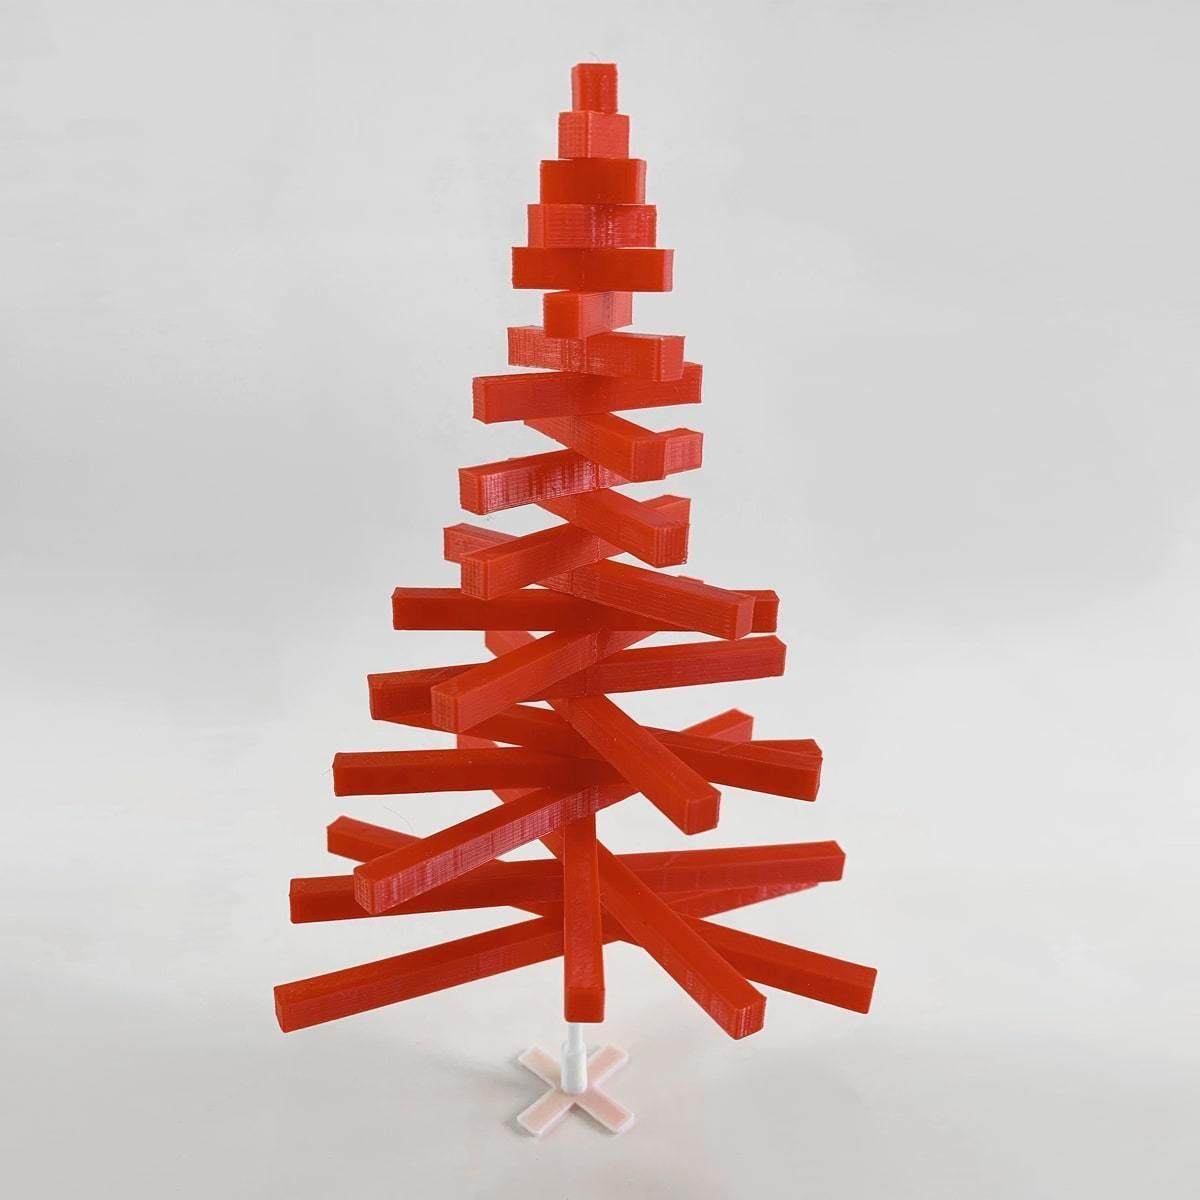 XmasTree_1.jpg Télécharger fichier STL gratuit Peeno - L'arbre de Noël minimal • Plan imprimable en 3D, addiscamillo